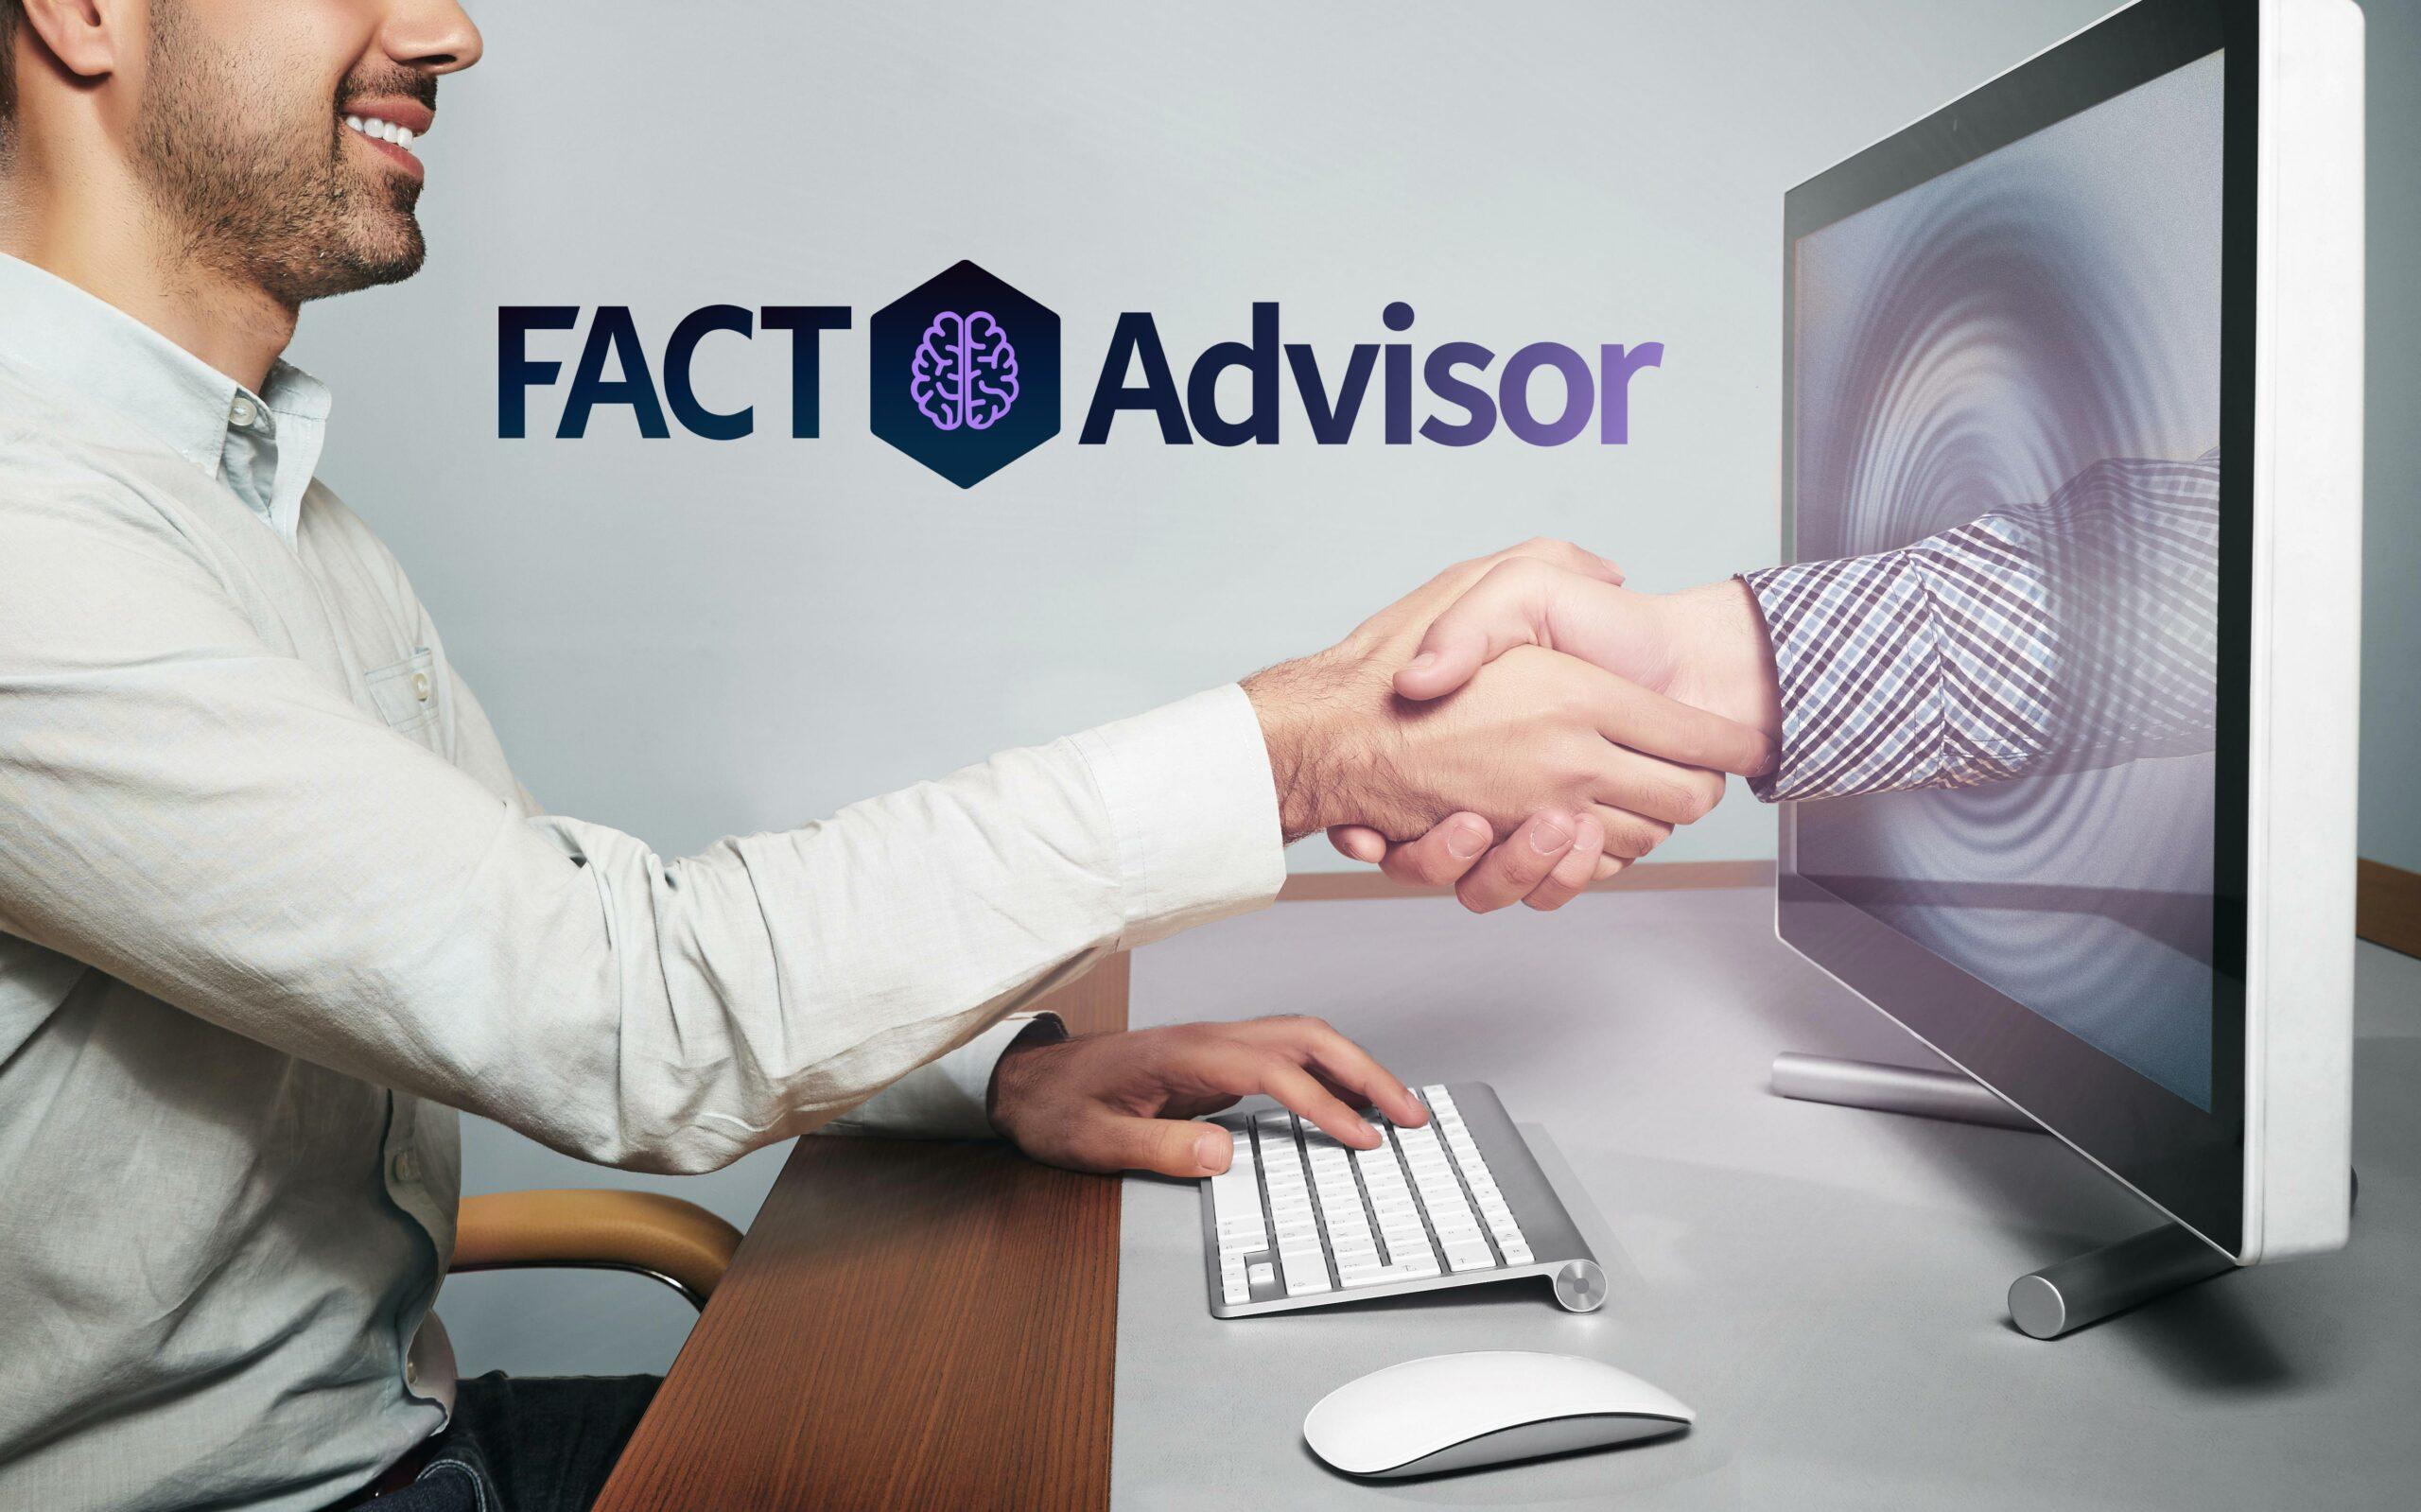 fact ai advisor künstliche intelligenz ki monitor handshake